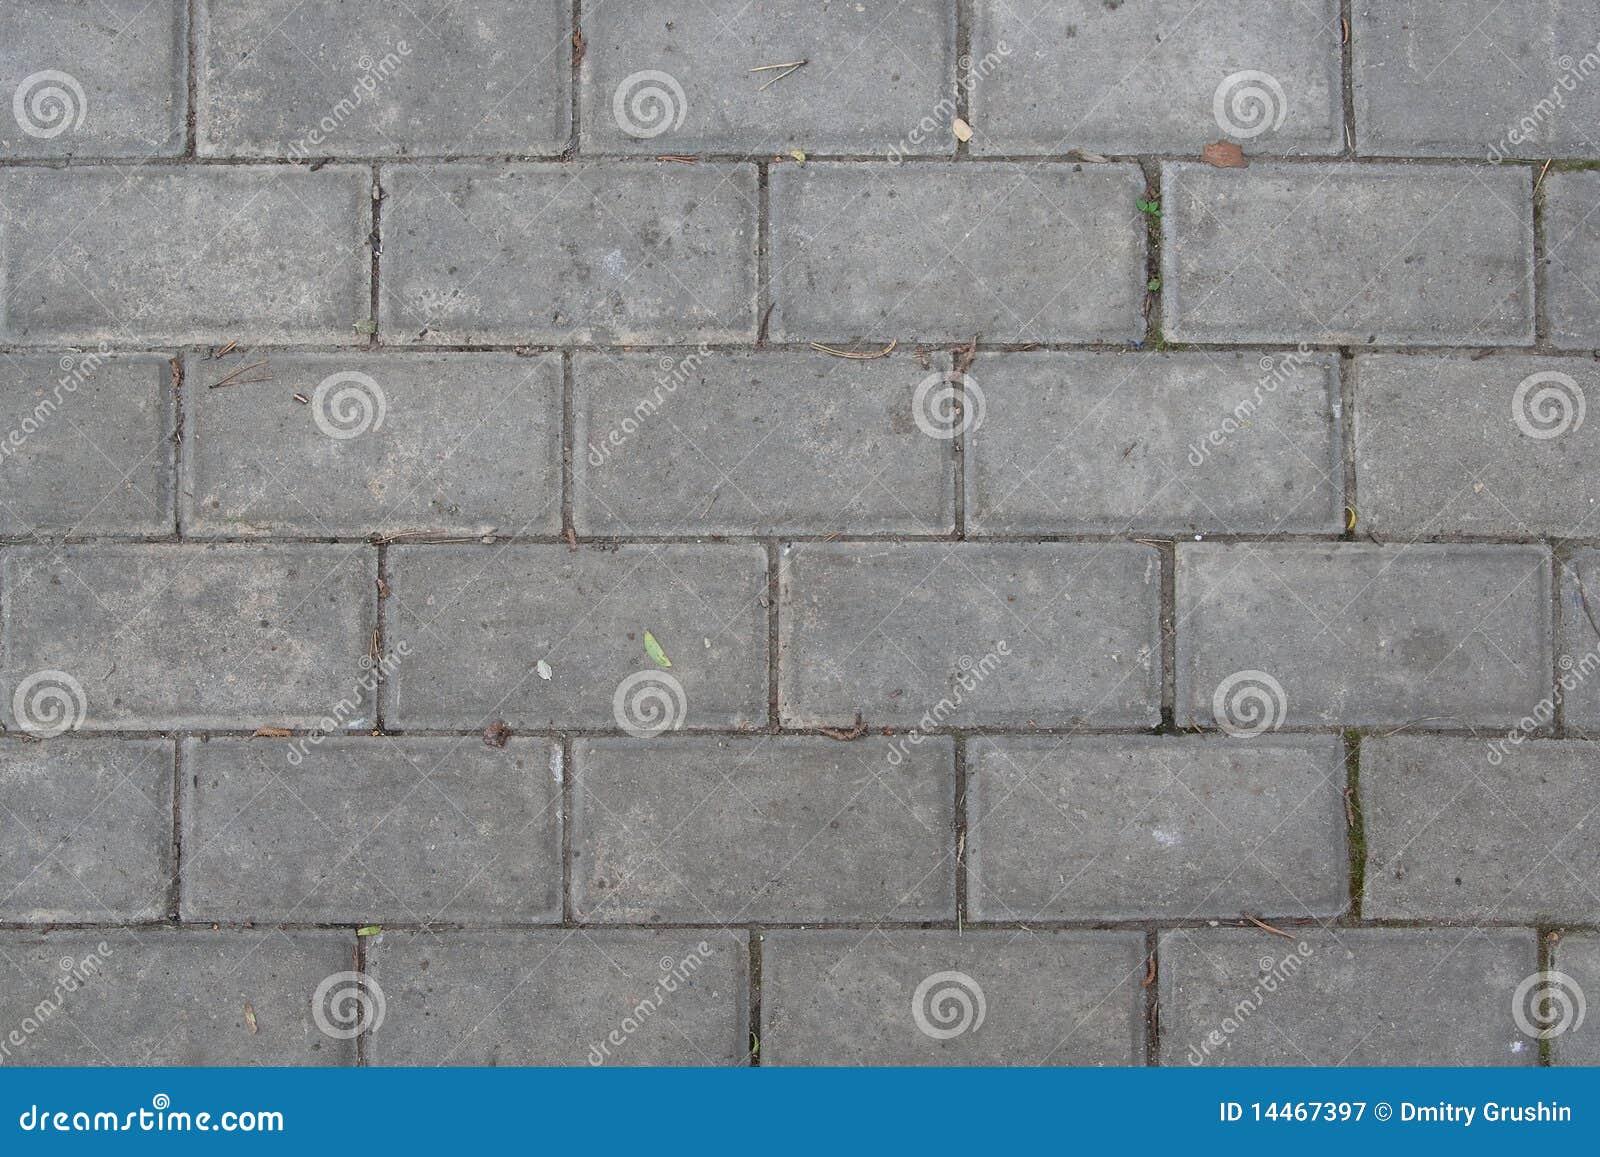 De stoep werd bedekt met tegels stock afbeelding afbeelding 14467397 - Mat tegels ...